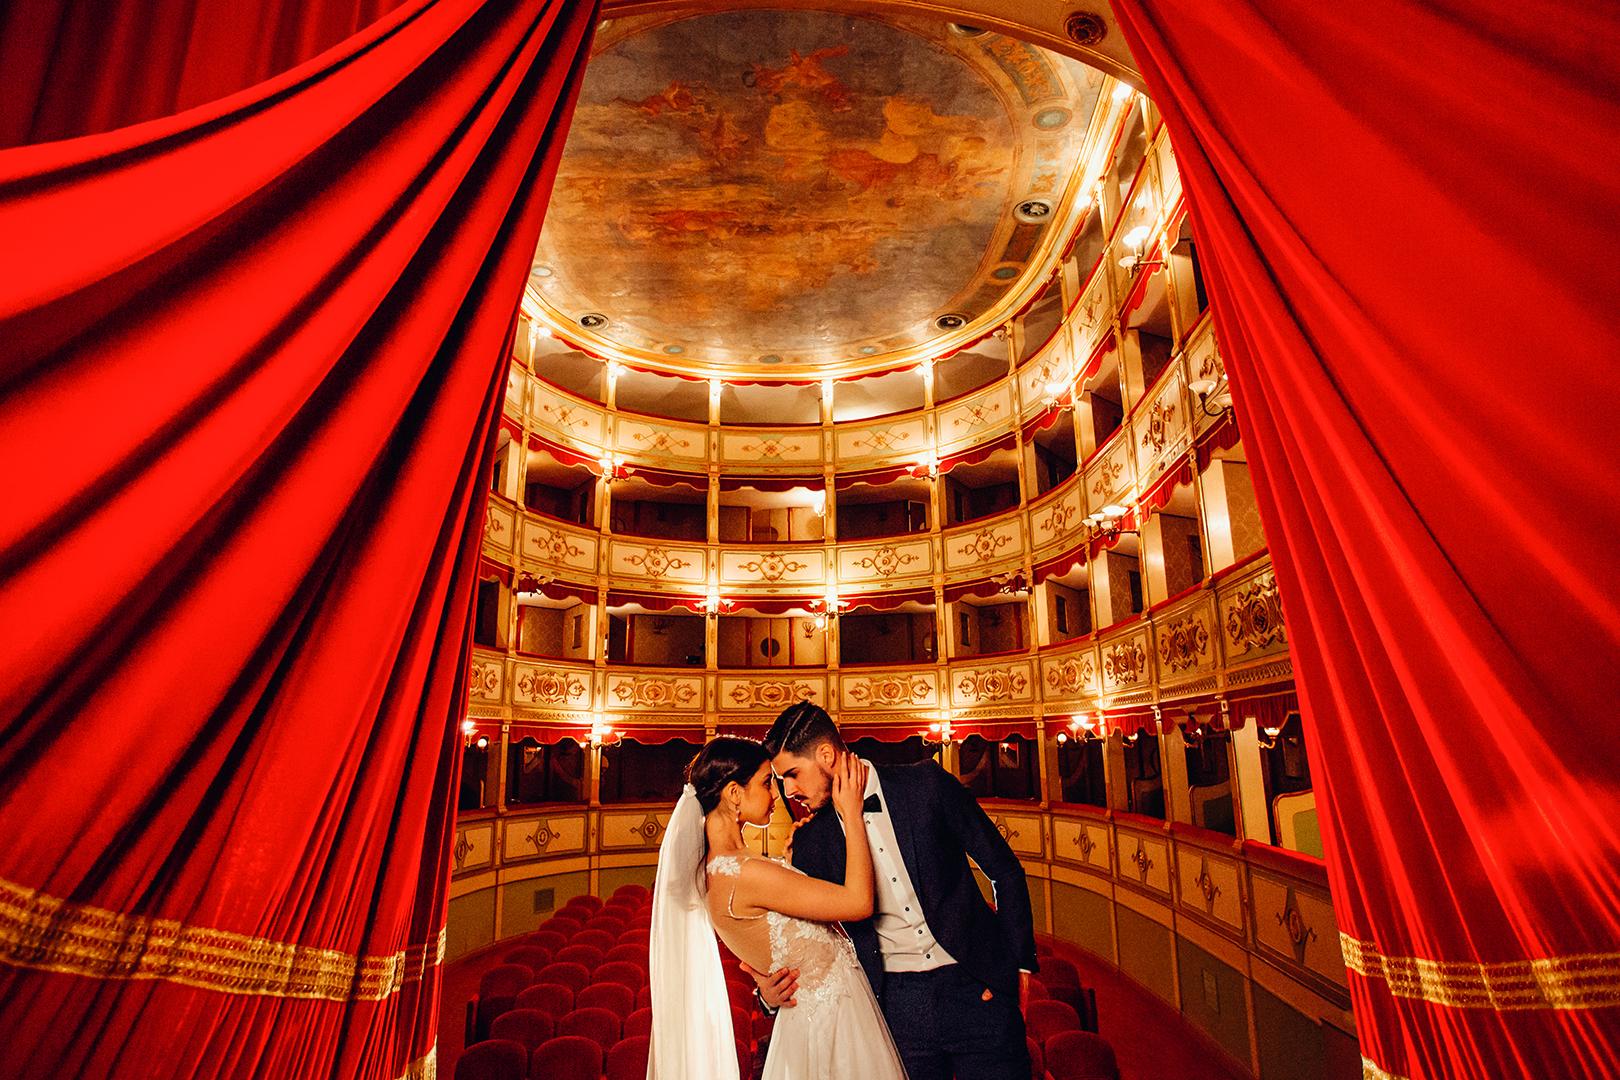 gianni-lepore-wedding-fotografo-teatro-lecce